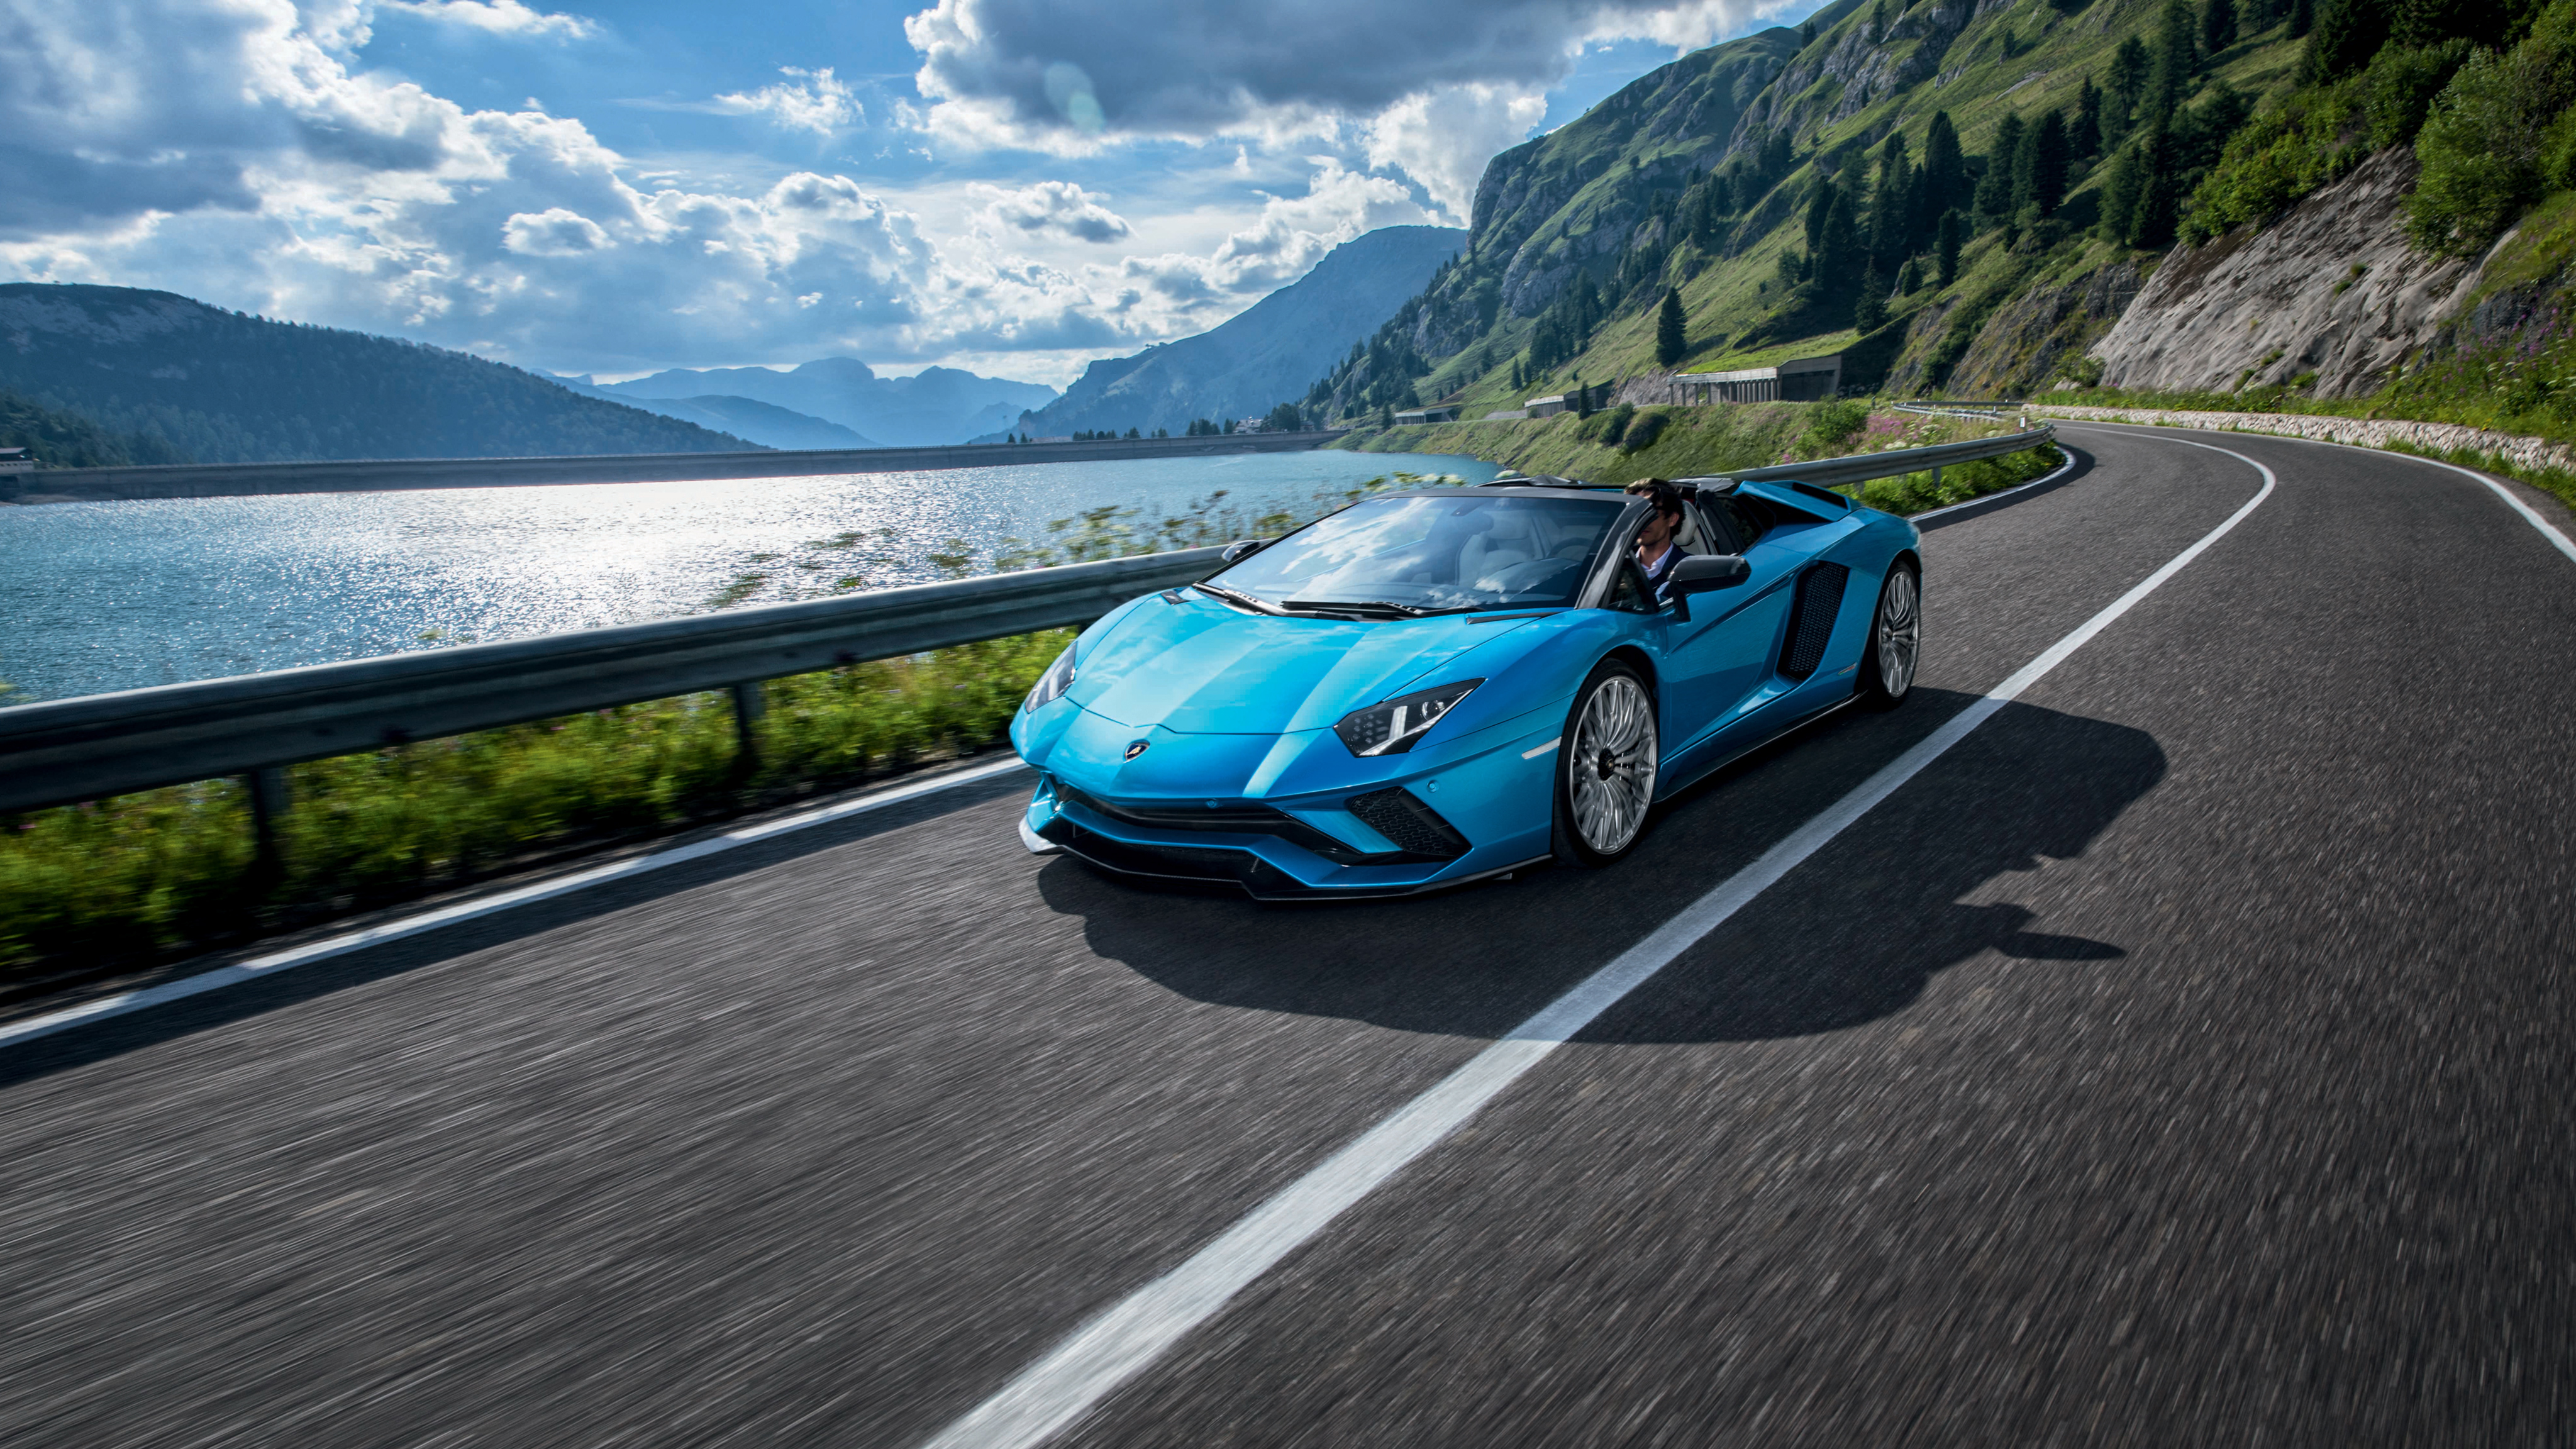 Lamborghini Aventador Green 4k Hd Cars 4k Wallpapers: Lamborghini Aventador S Roadster 4K 2018 Wallpaper